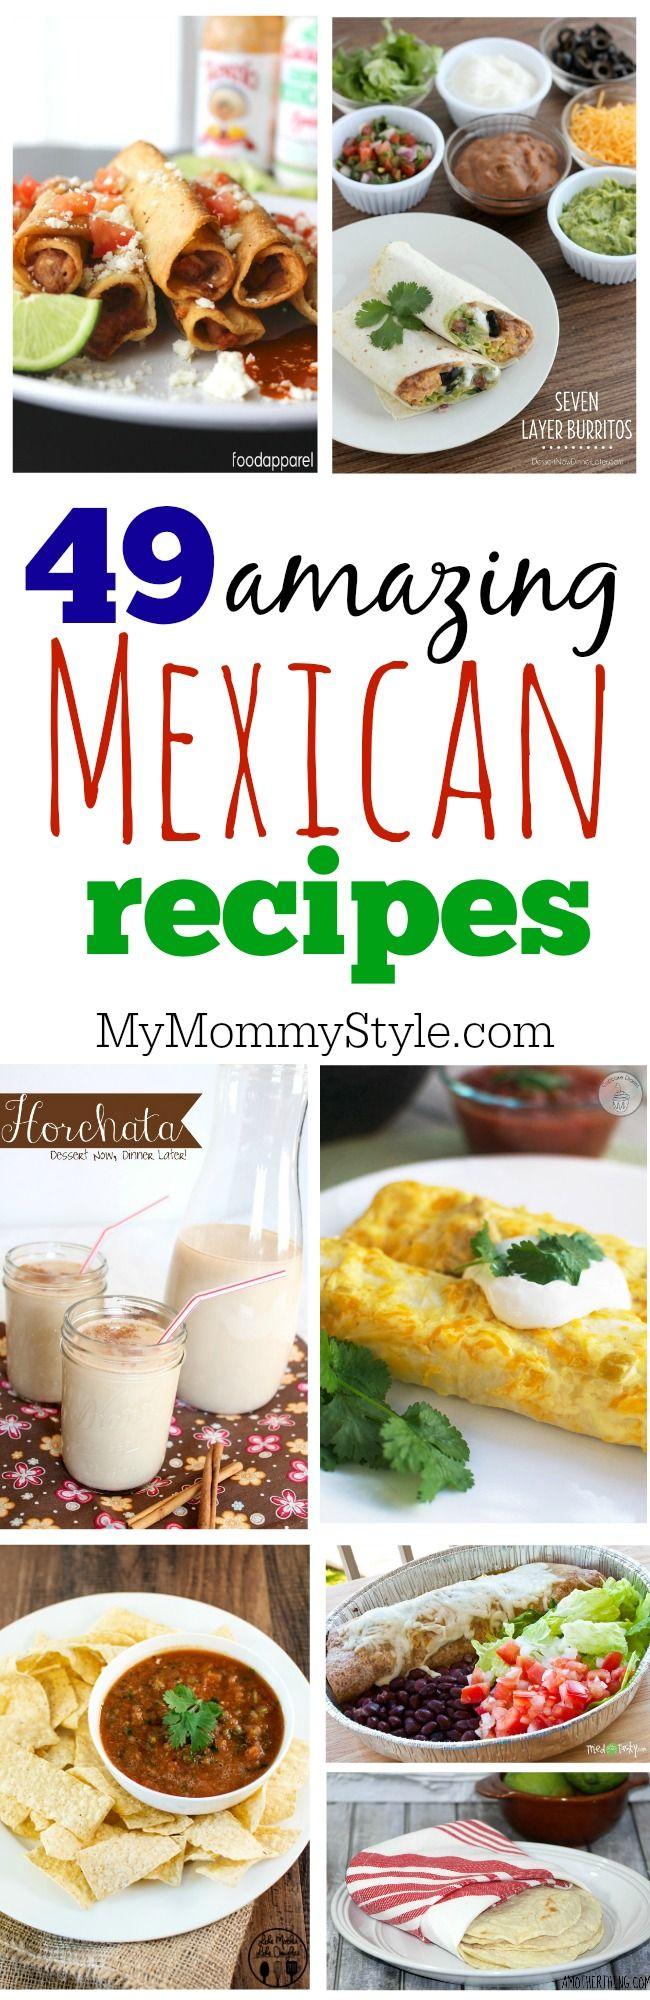 49 Mexican recipes